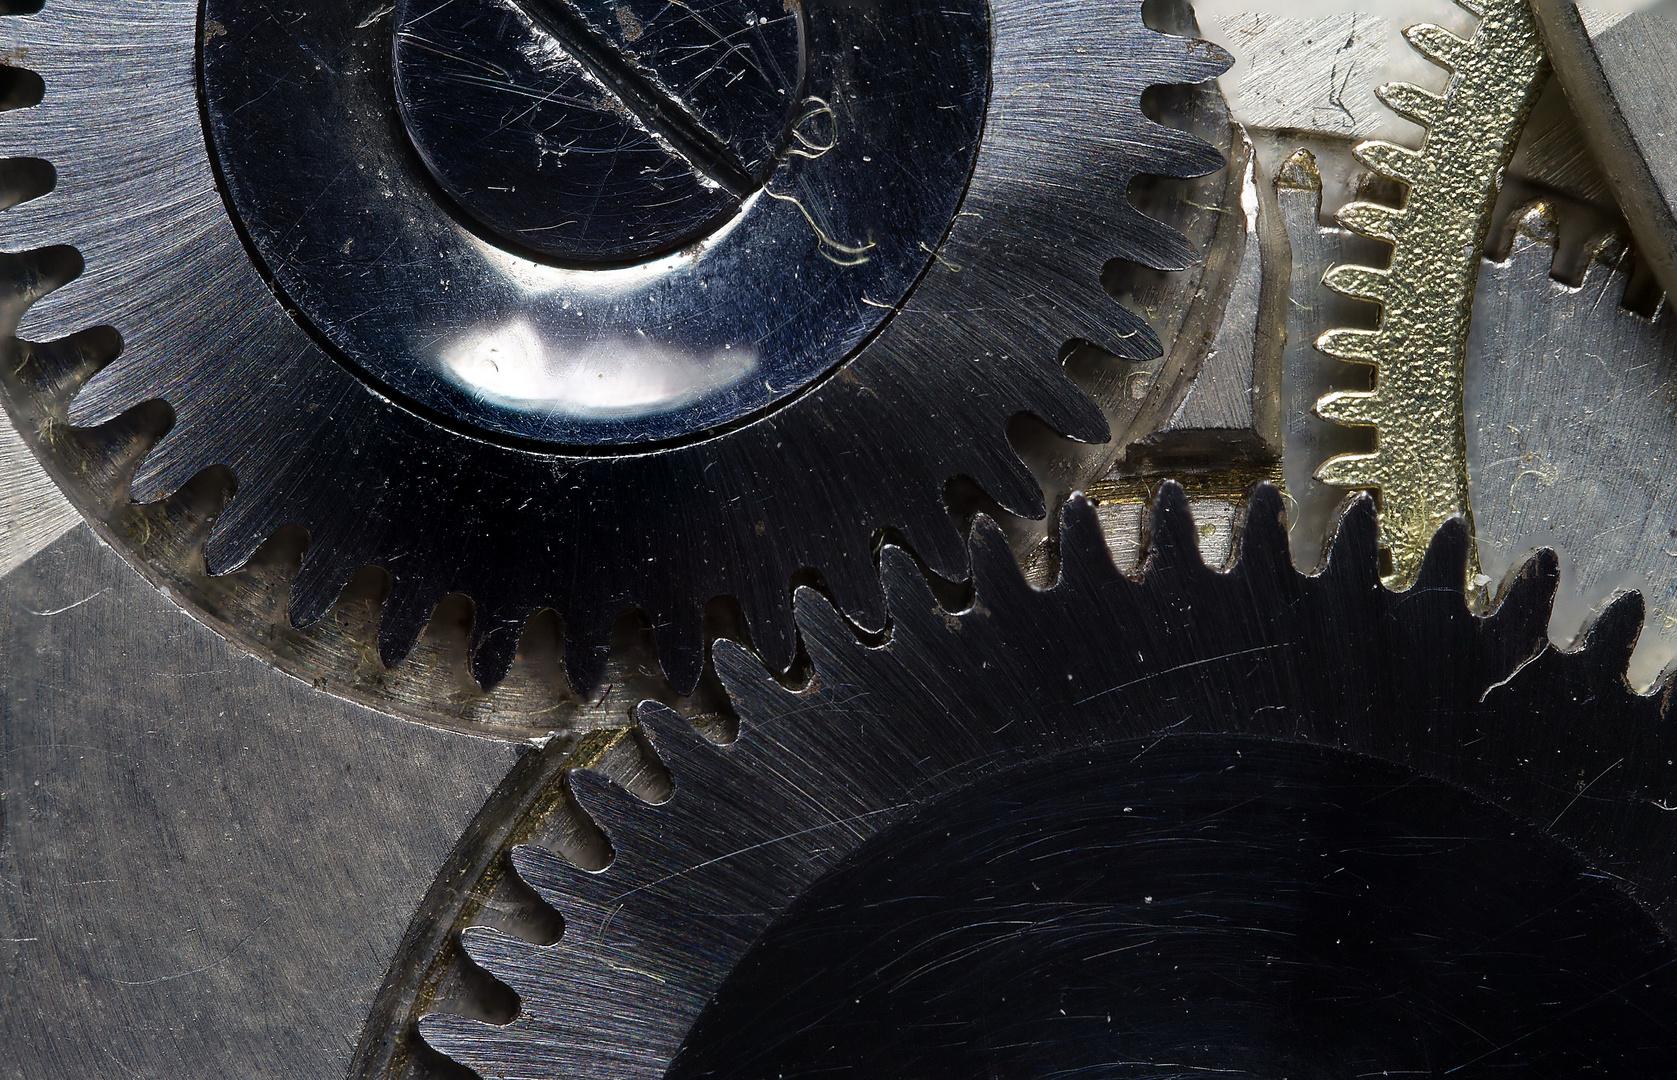 Interieur einer Taschenuhr - Makro